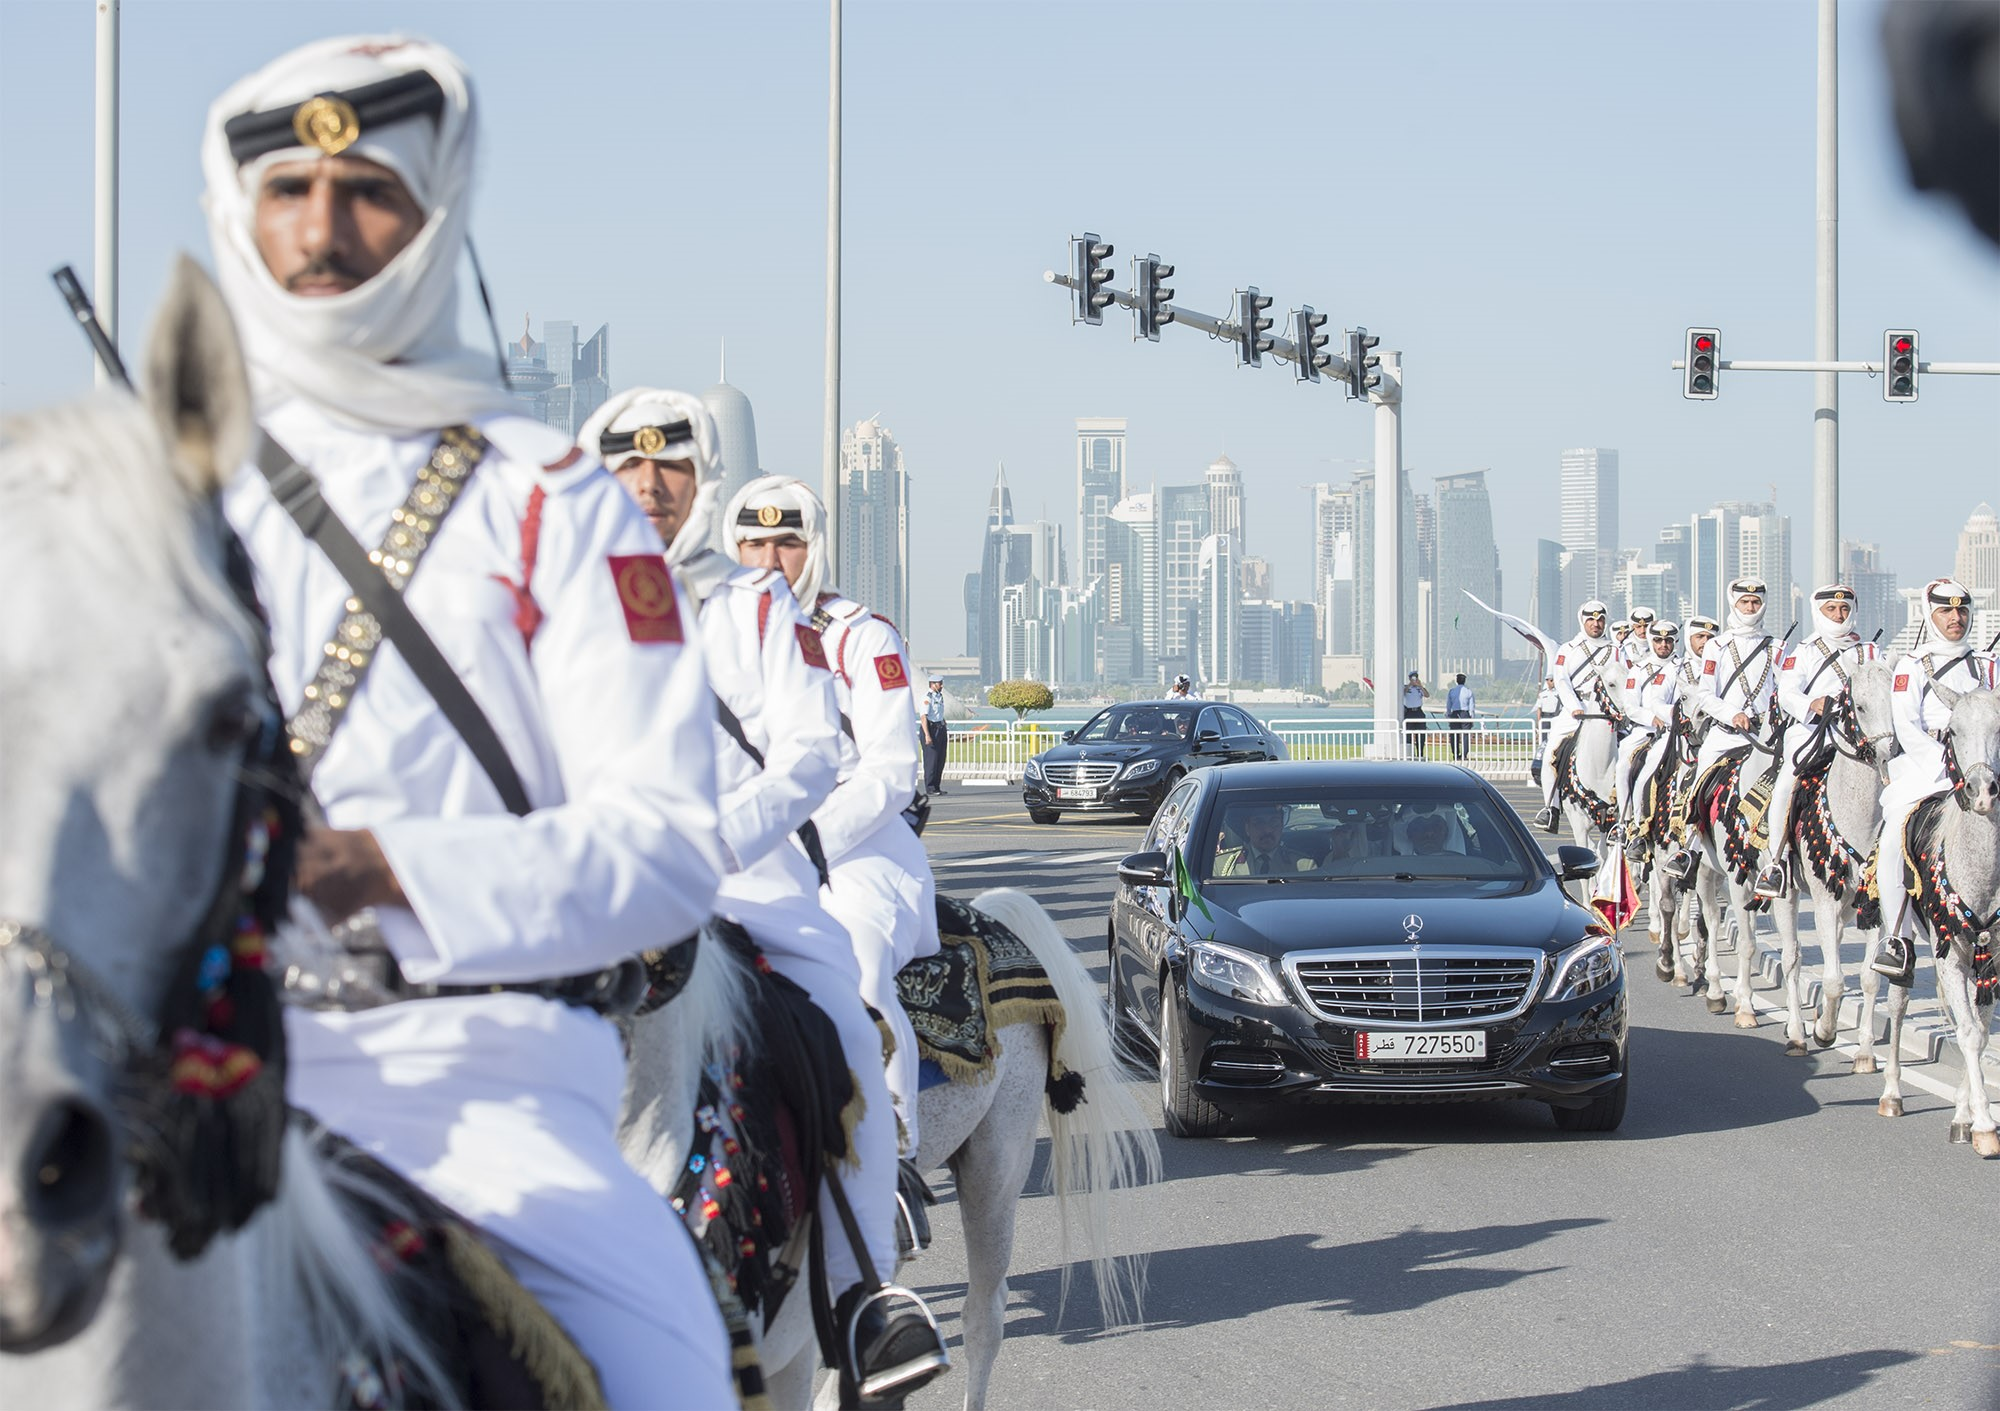 Néhány kiszivárgott diplomáciai levél szerint Szaúd-Arábia közel volt ahhoz, hogy elfoglalja Katart